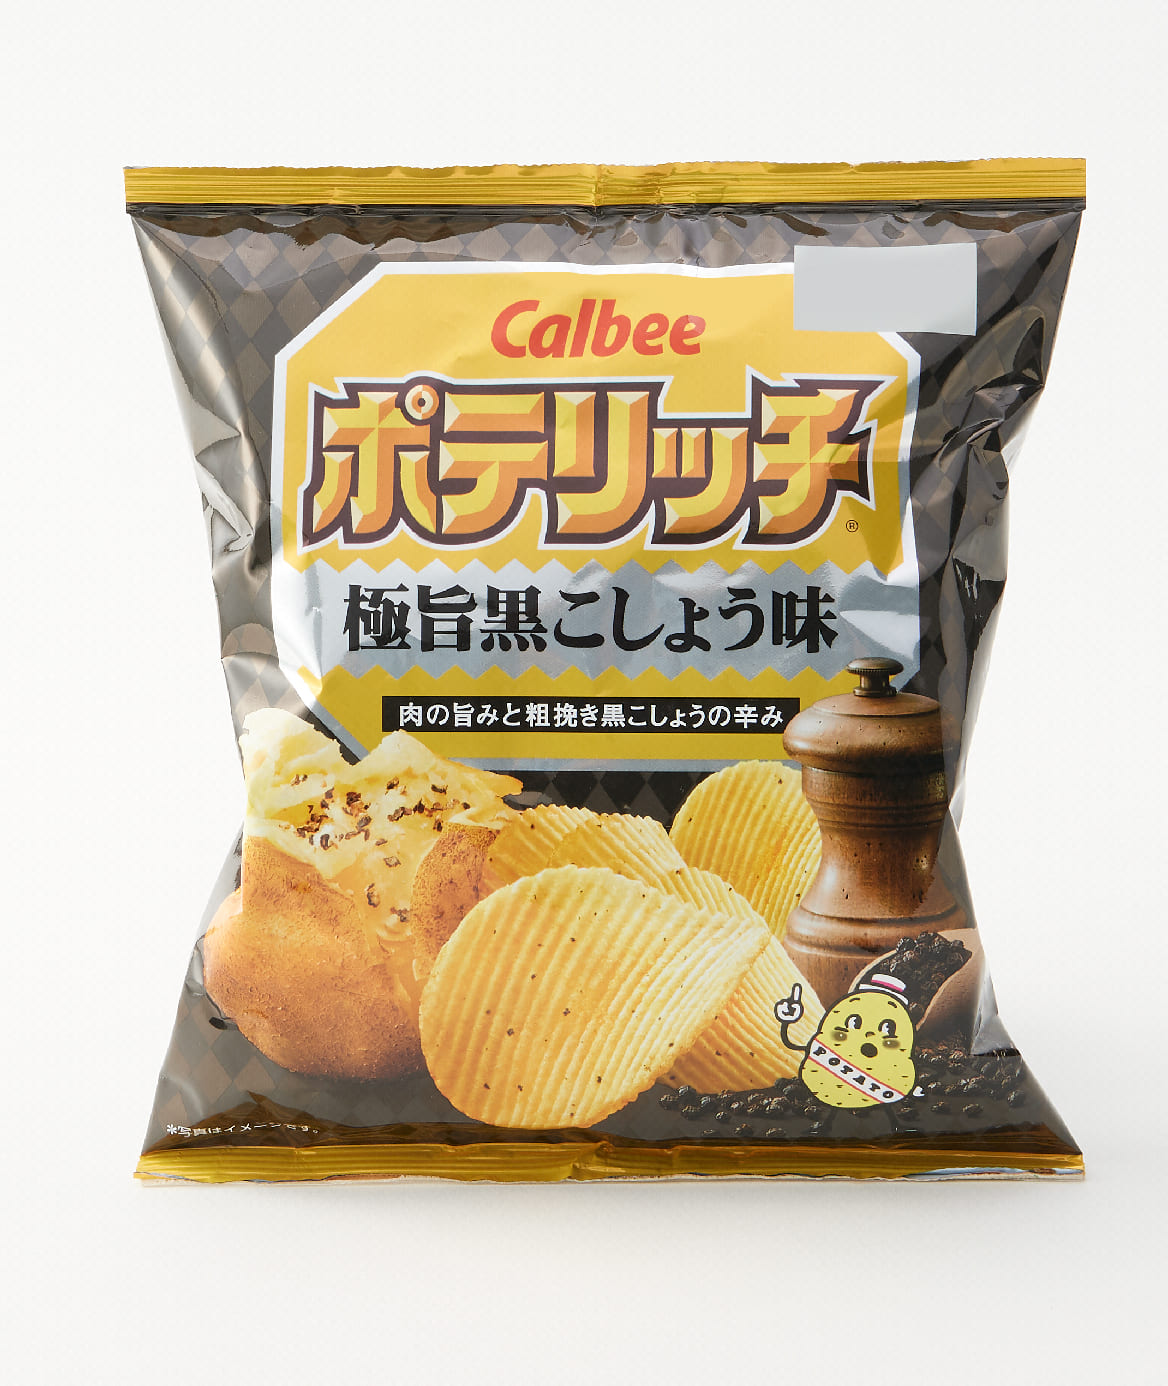 カルビー-安納芋のおさつスナックのパッケージ